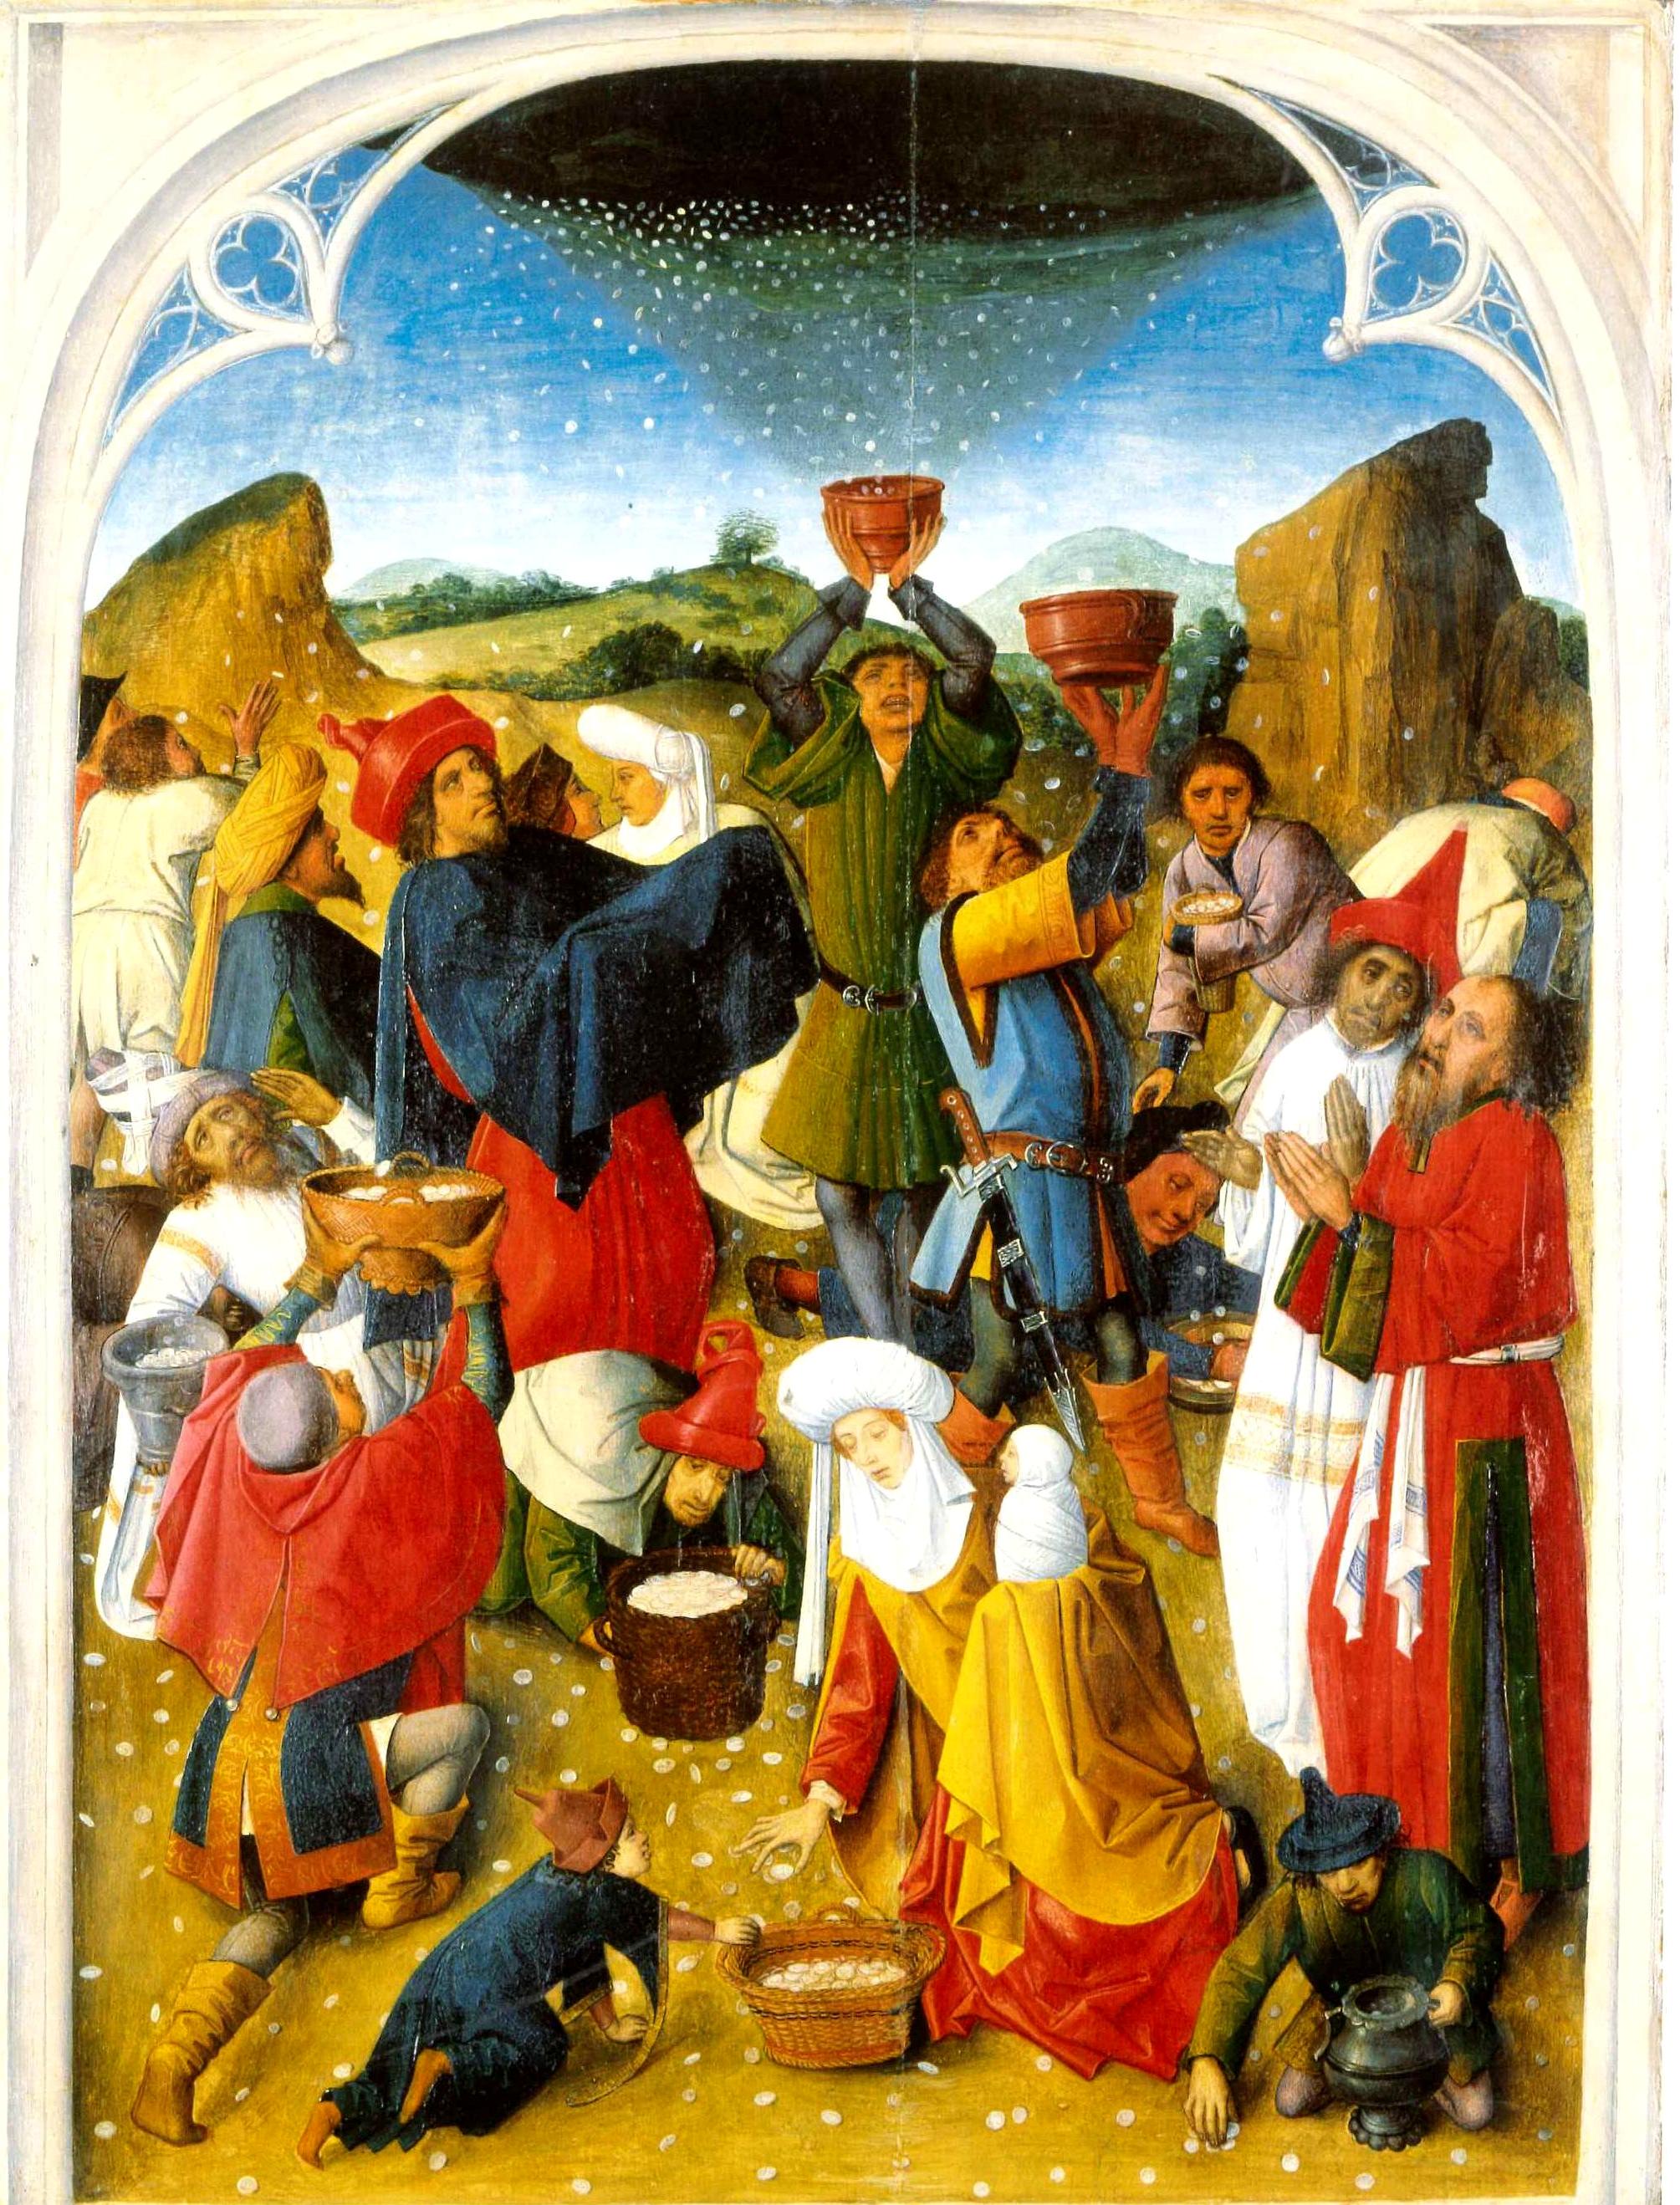 gathering manna or grumbling